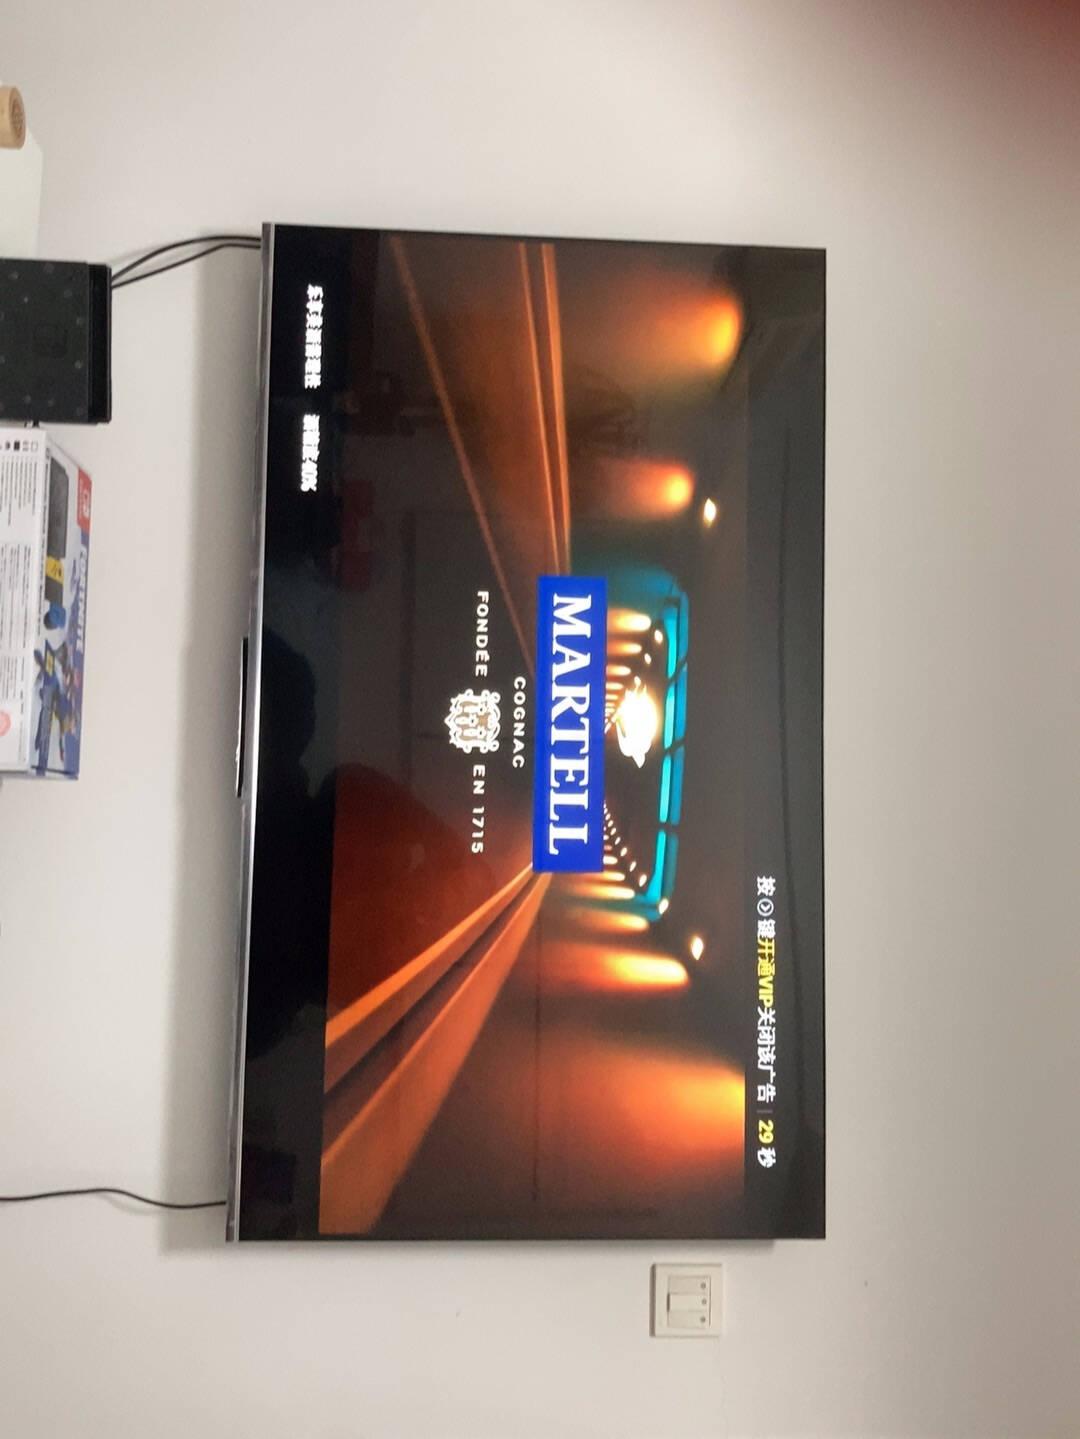 东芝(TOSHIBA)65X7500FOLED自发光屏4K超高清HDR火箭炮声场AI声控无边全面屏液晶平板电视机